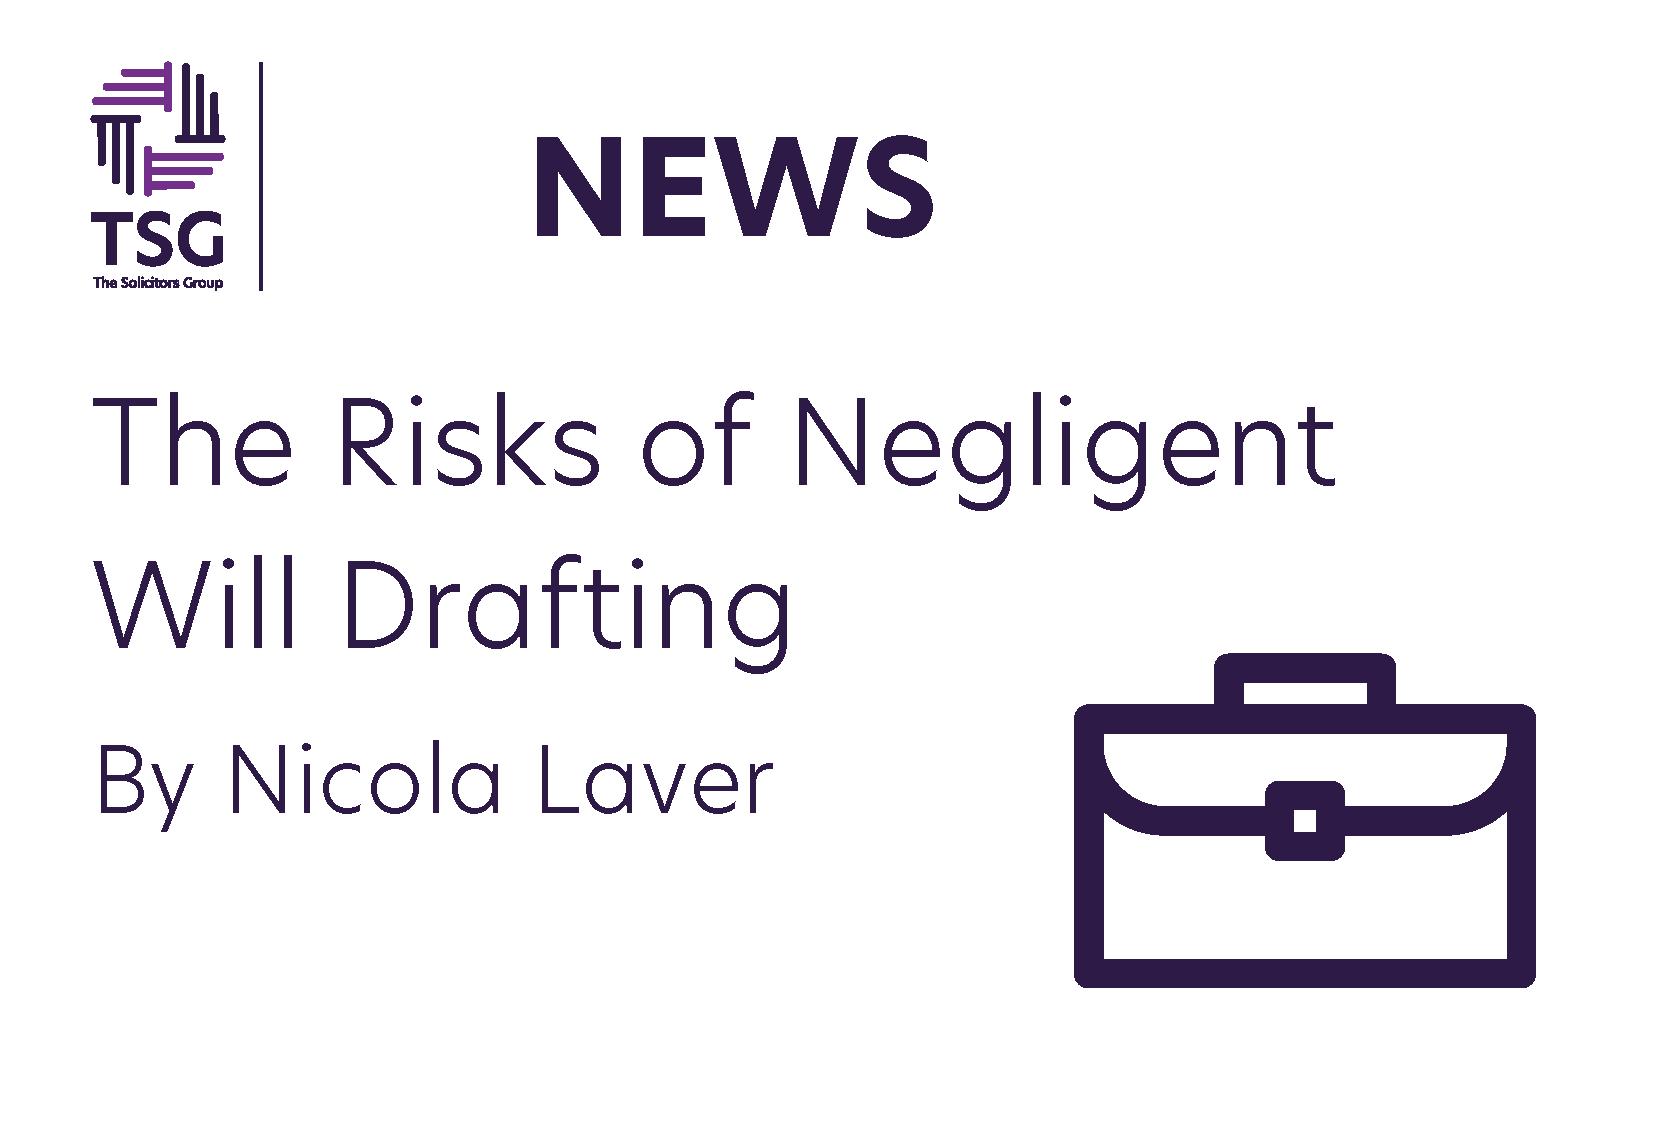 Risks of Negligent Drafting